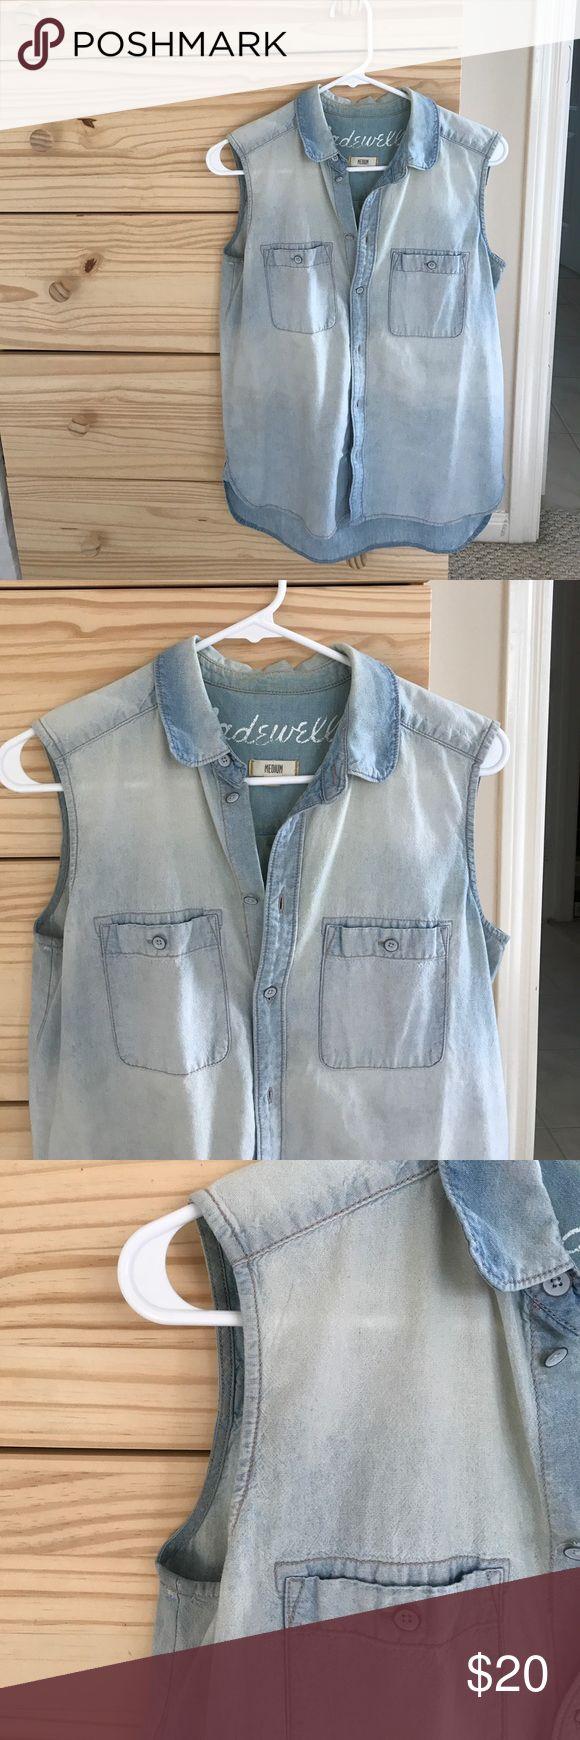 Madewell sleeveless denim shirt size medium Madewell sleeveless denim shirt size medium Madewell Tops Button Down Shirts